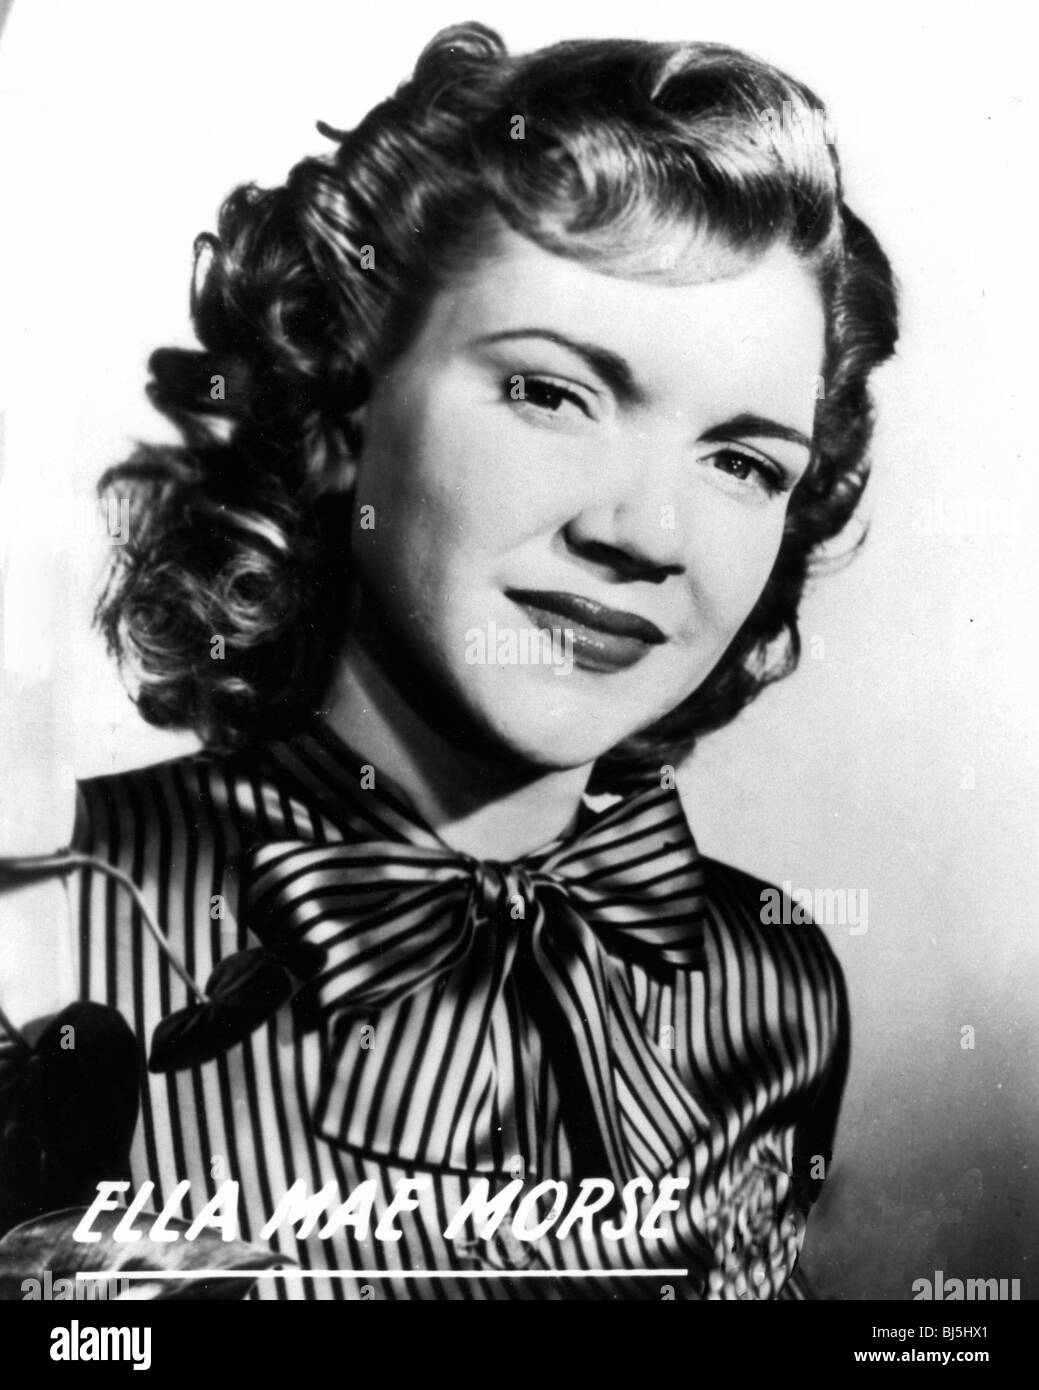 ELLA  MAY MORSE - US singer (1924-1999) - Stock Image